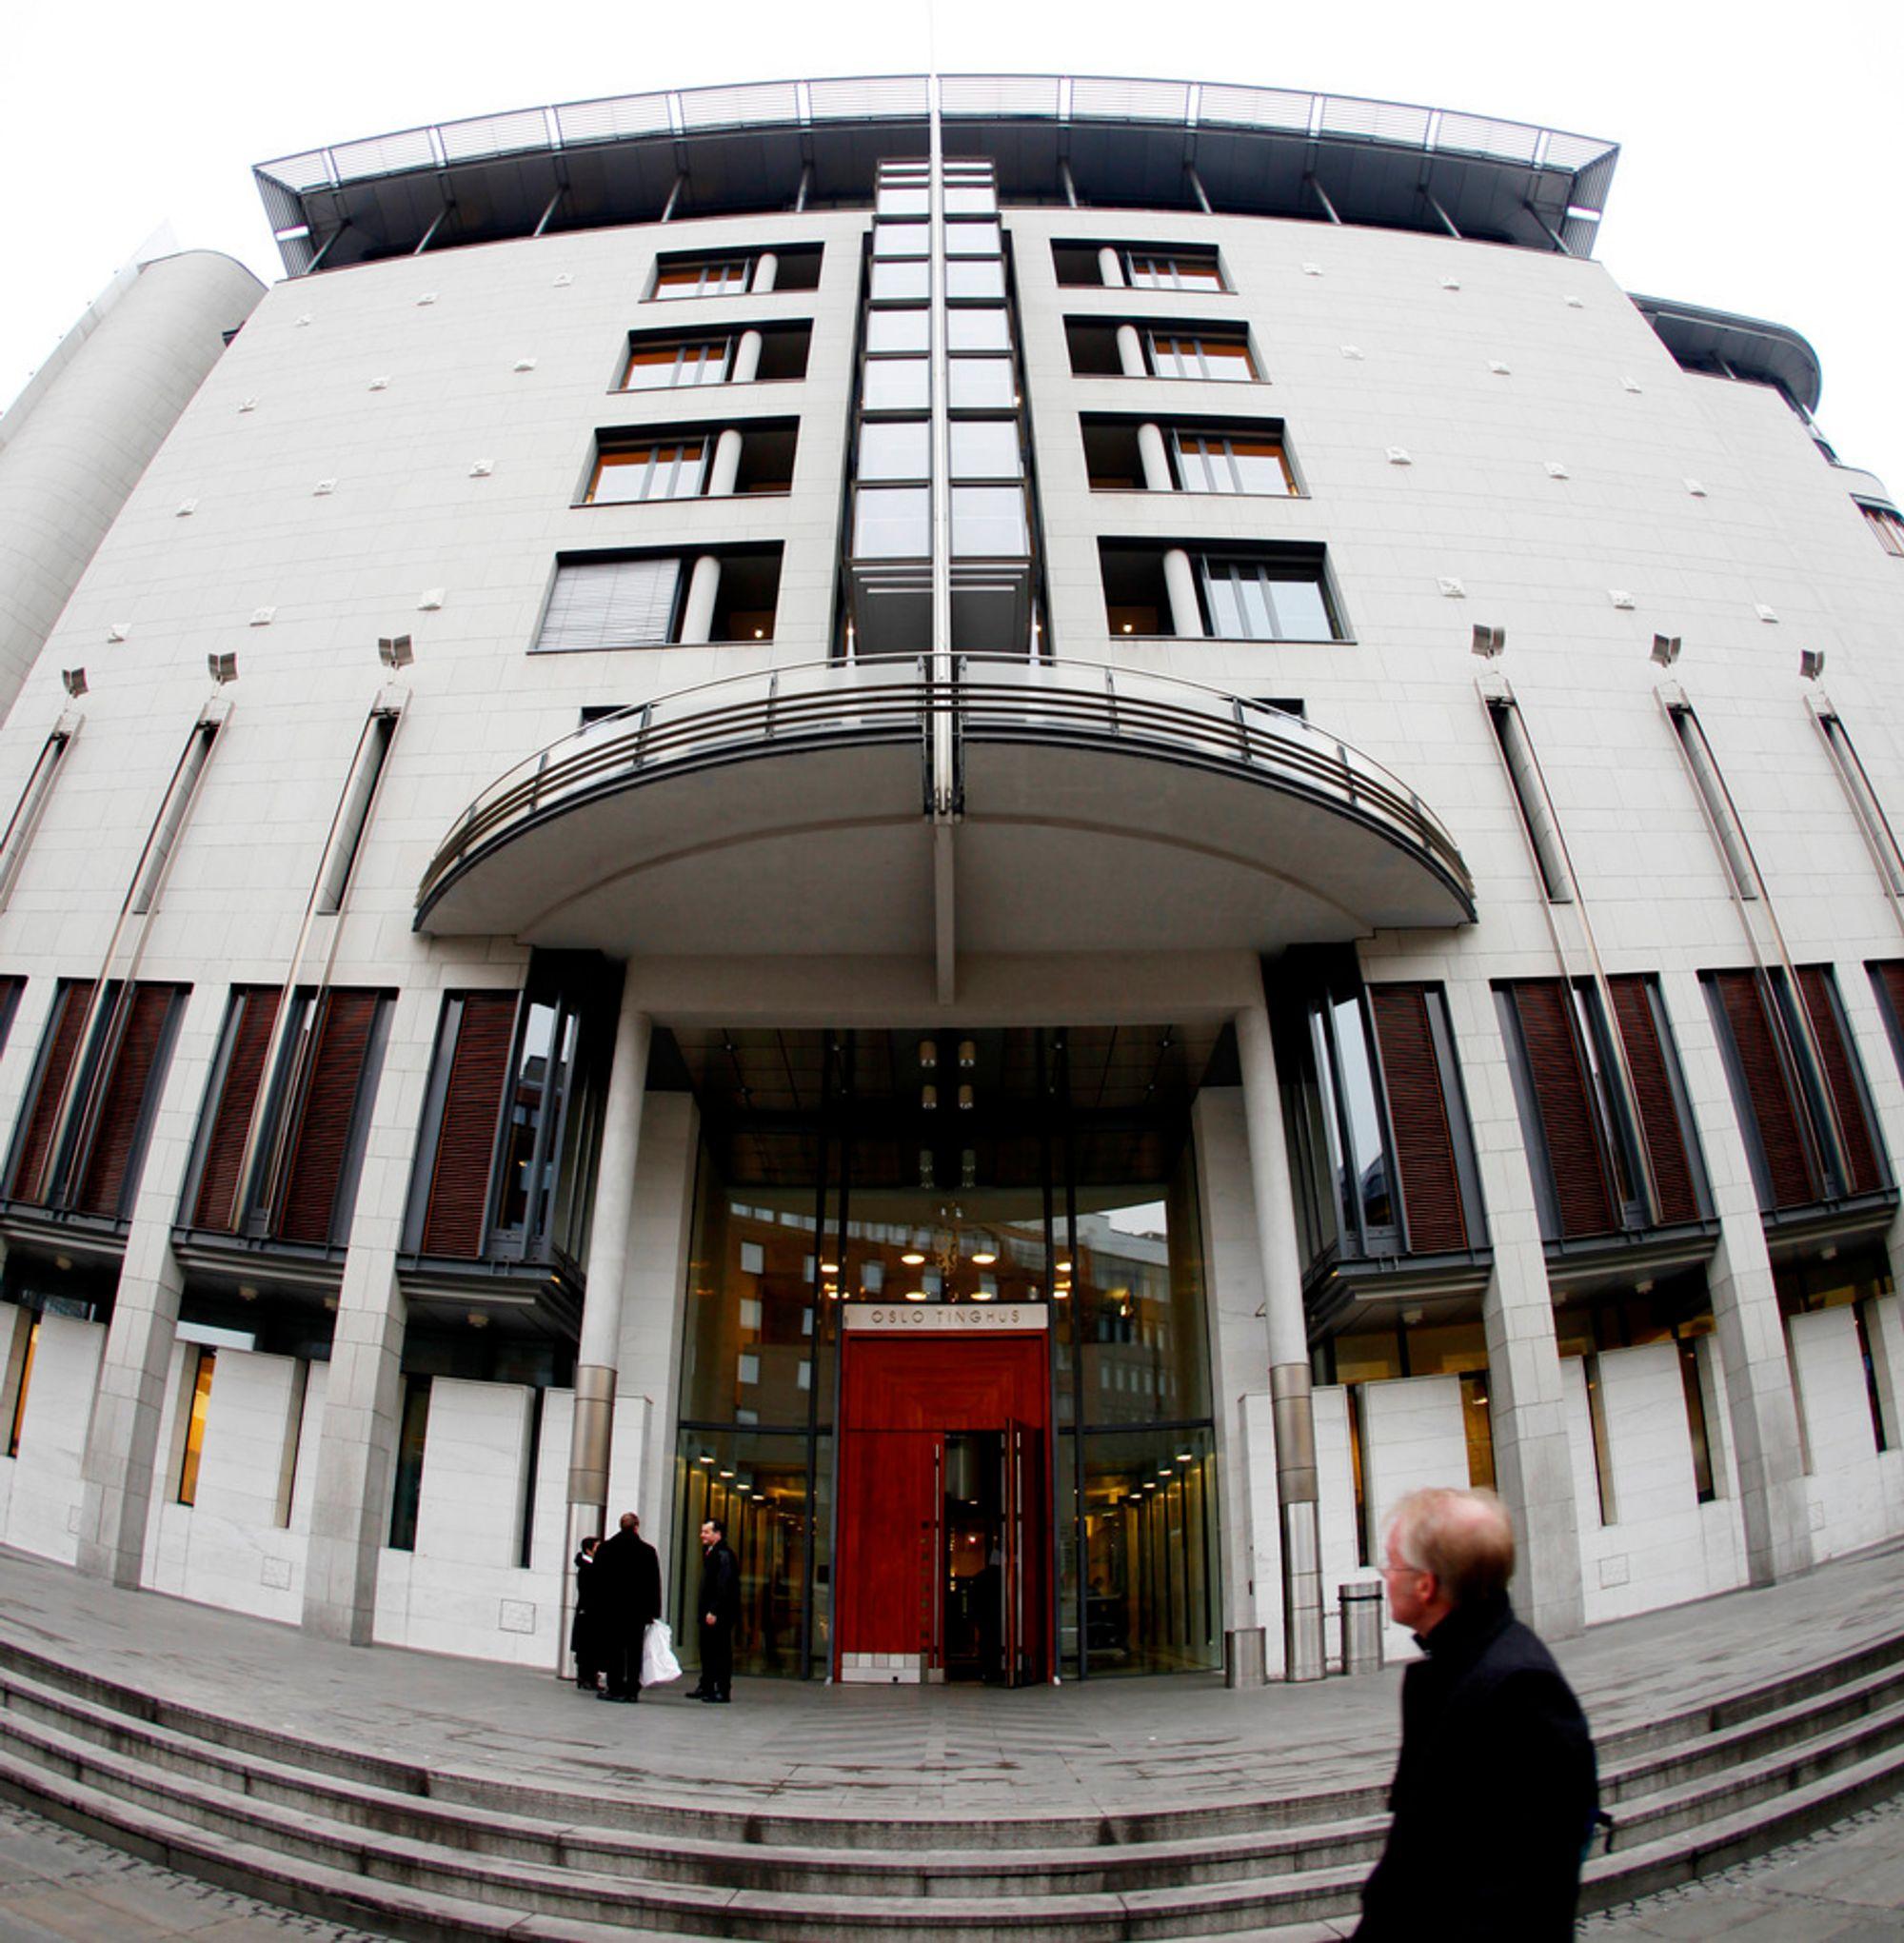 Samferdselsdepartementet må møte i Oslo tingrett for å forsvare seg mot et krav om erstatning etter gjennomføring av anbudsrunden på riksvei 255.